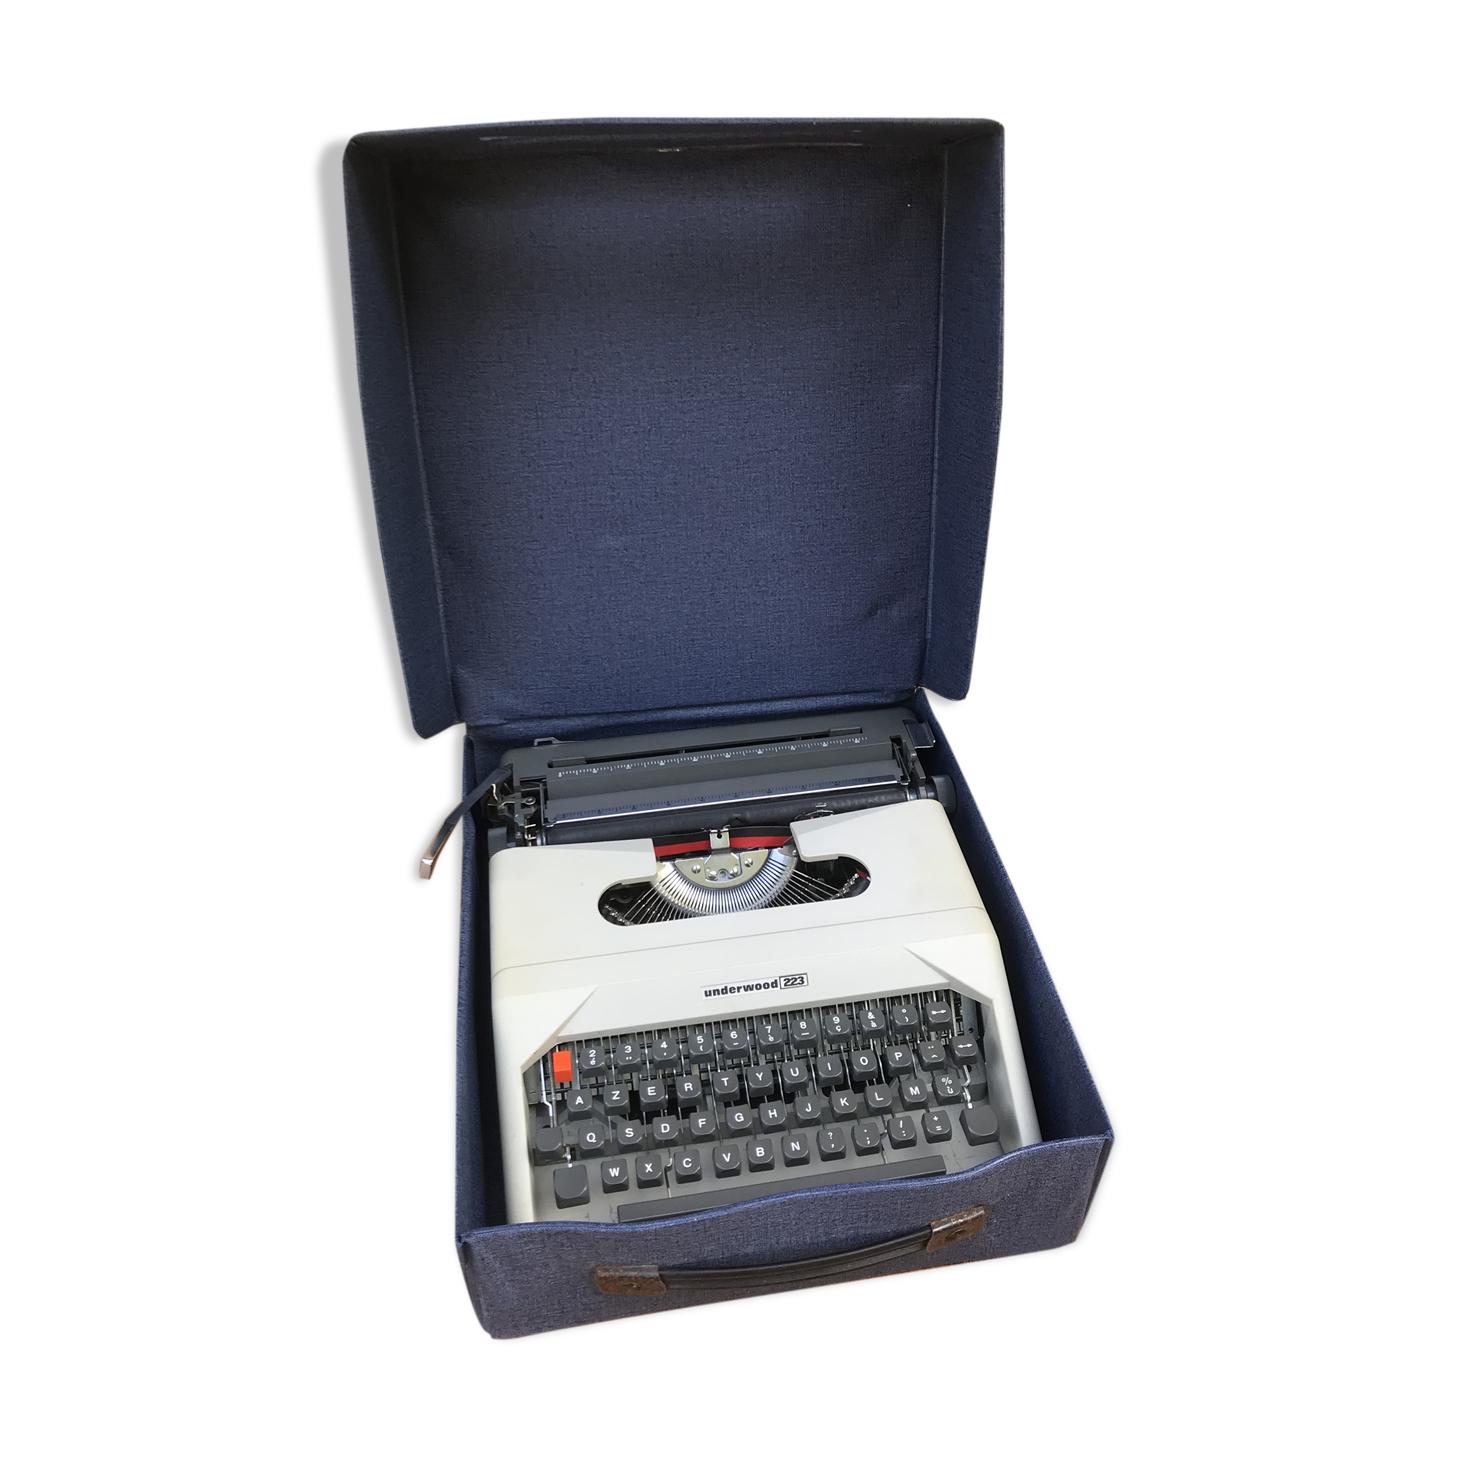 Ancienne machine à écrire Underwood 223 bakélite gris beige avec malle bleue vintage